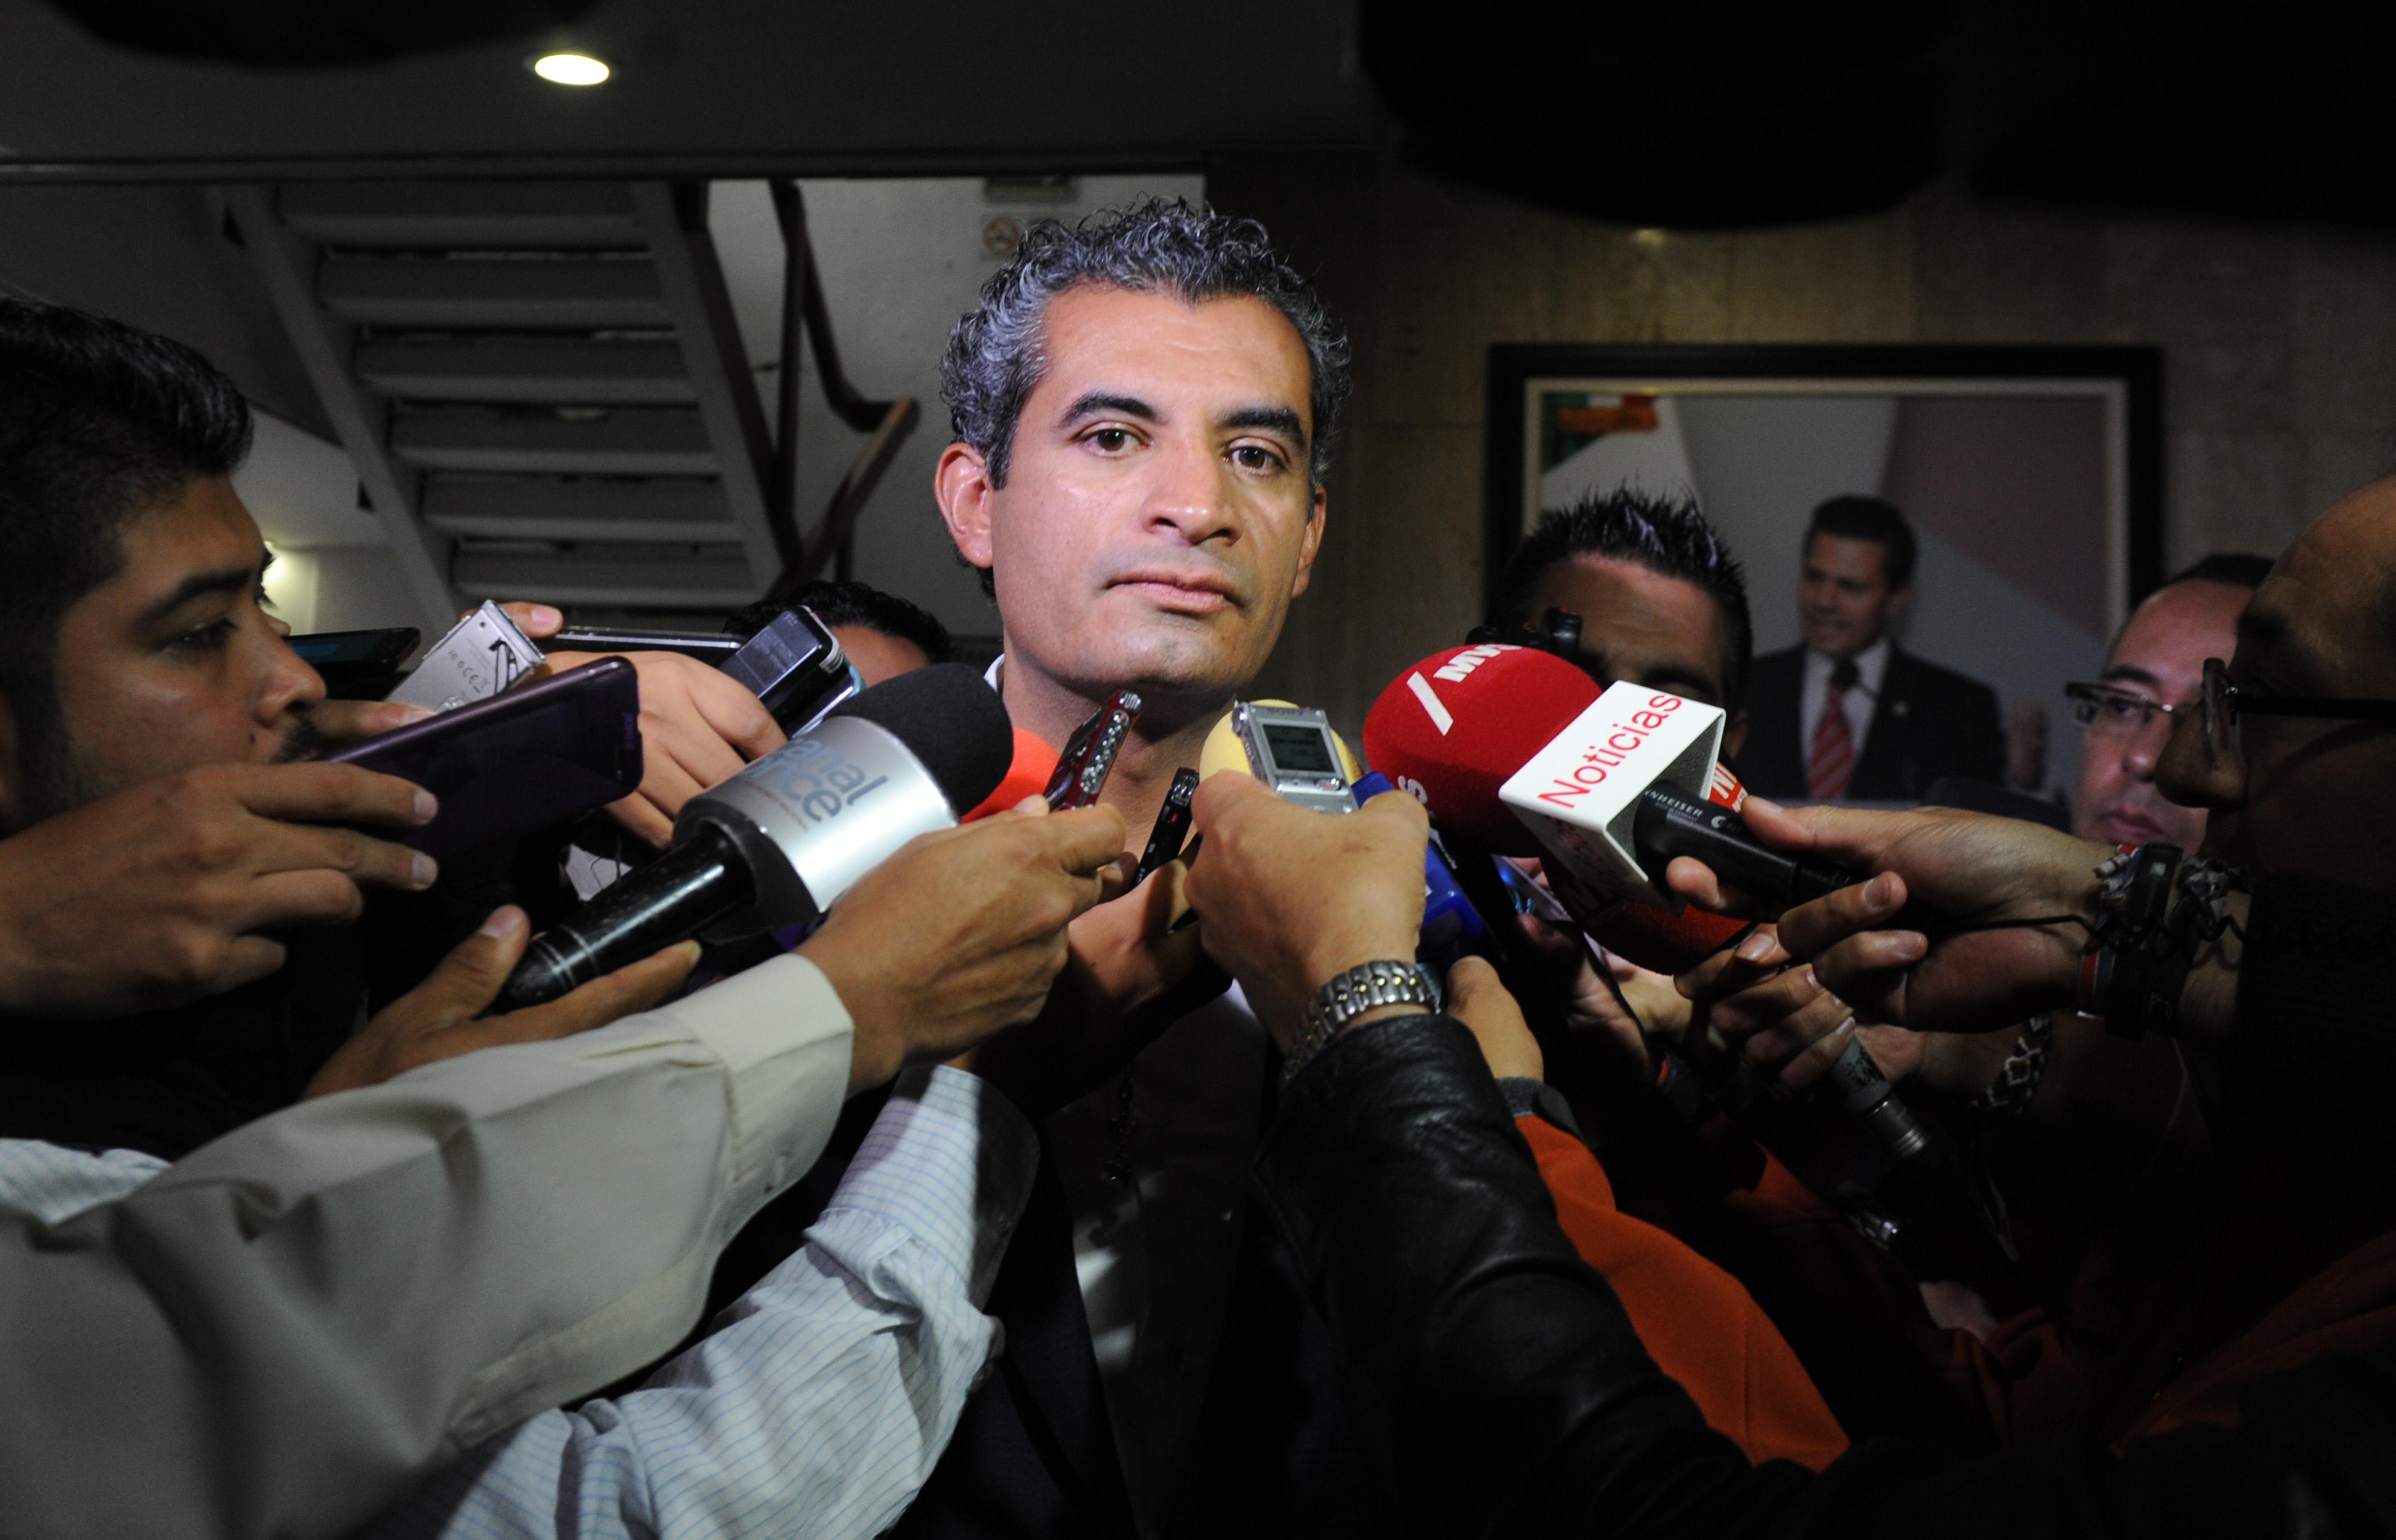 ENTREVISTA AL DR. ENRIQUE OCHOA REZA, REALIZADA EN LA SEDE NACIONAL DEL TRICOLOR